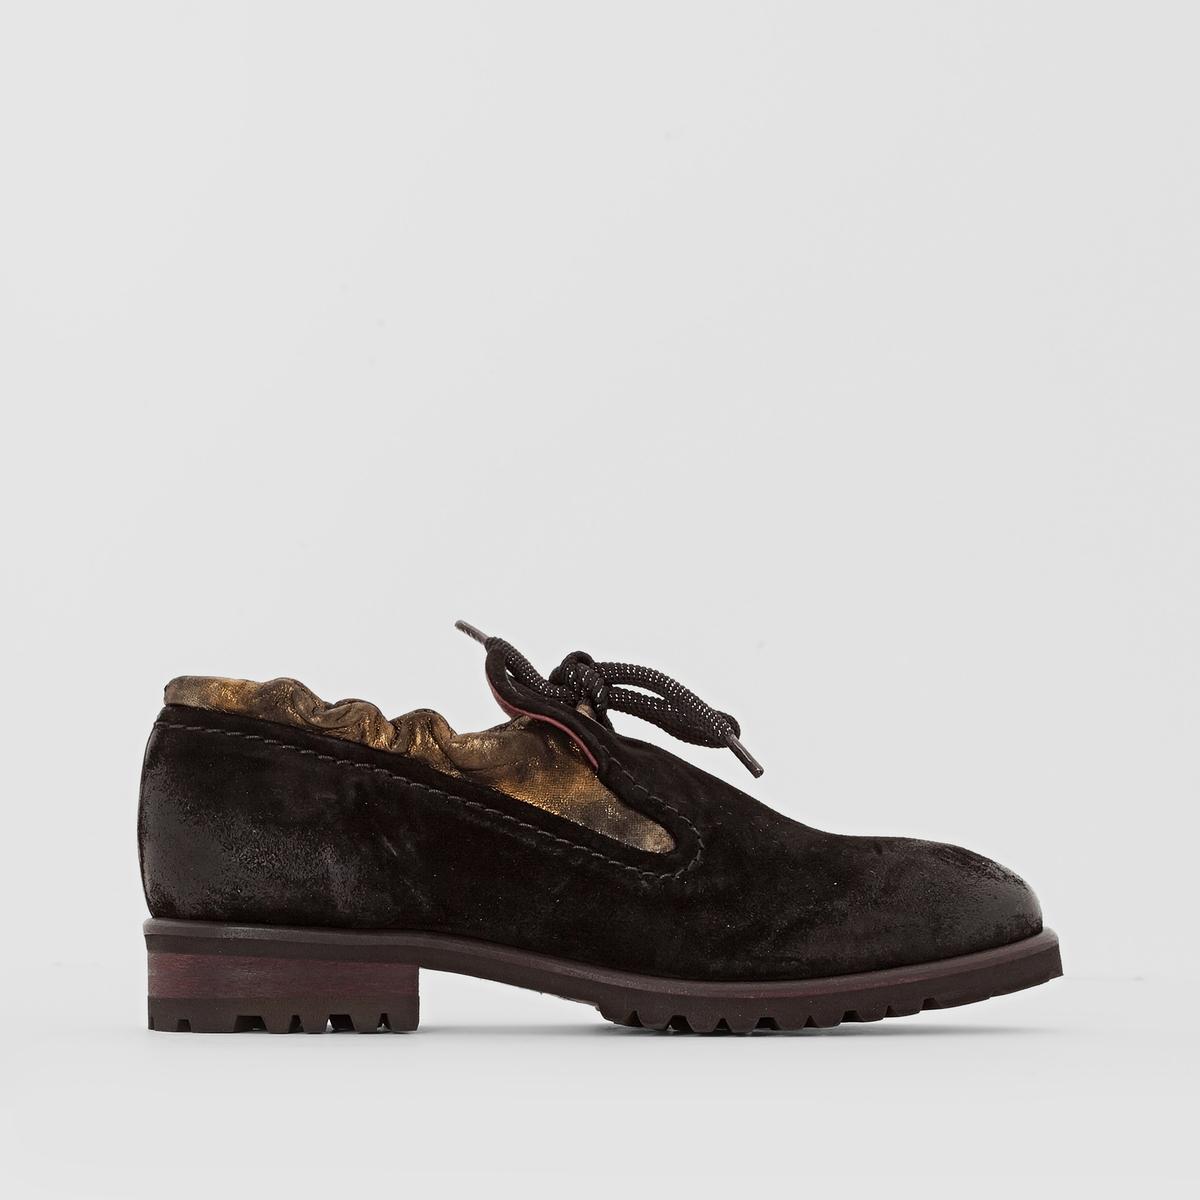 Ботинки-дерби кожаные SukiПодкладка: Кожа    Стелька: Кожа    Подошва: каучук.   Застежка: шнуровка.<br><br>Цвет: черный